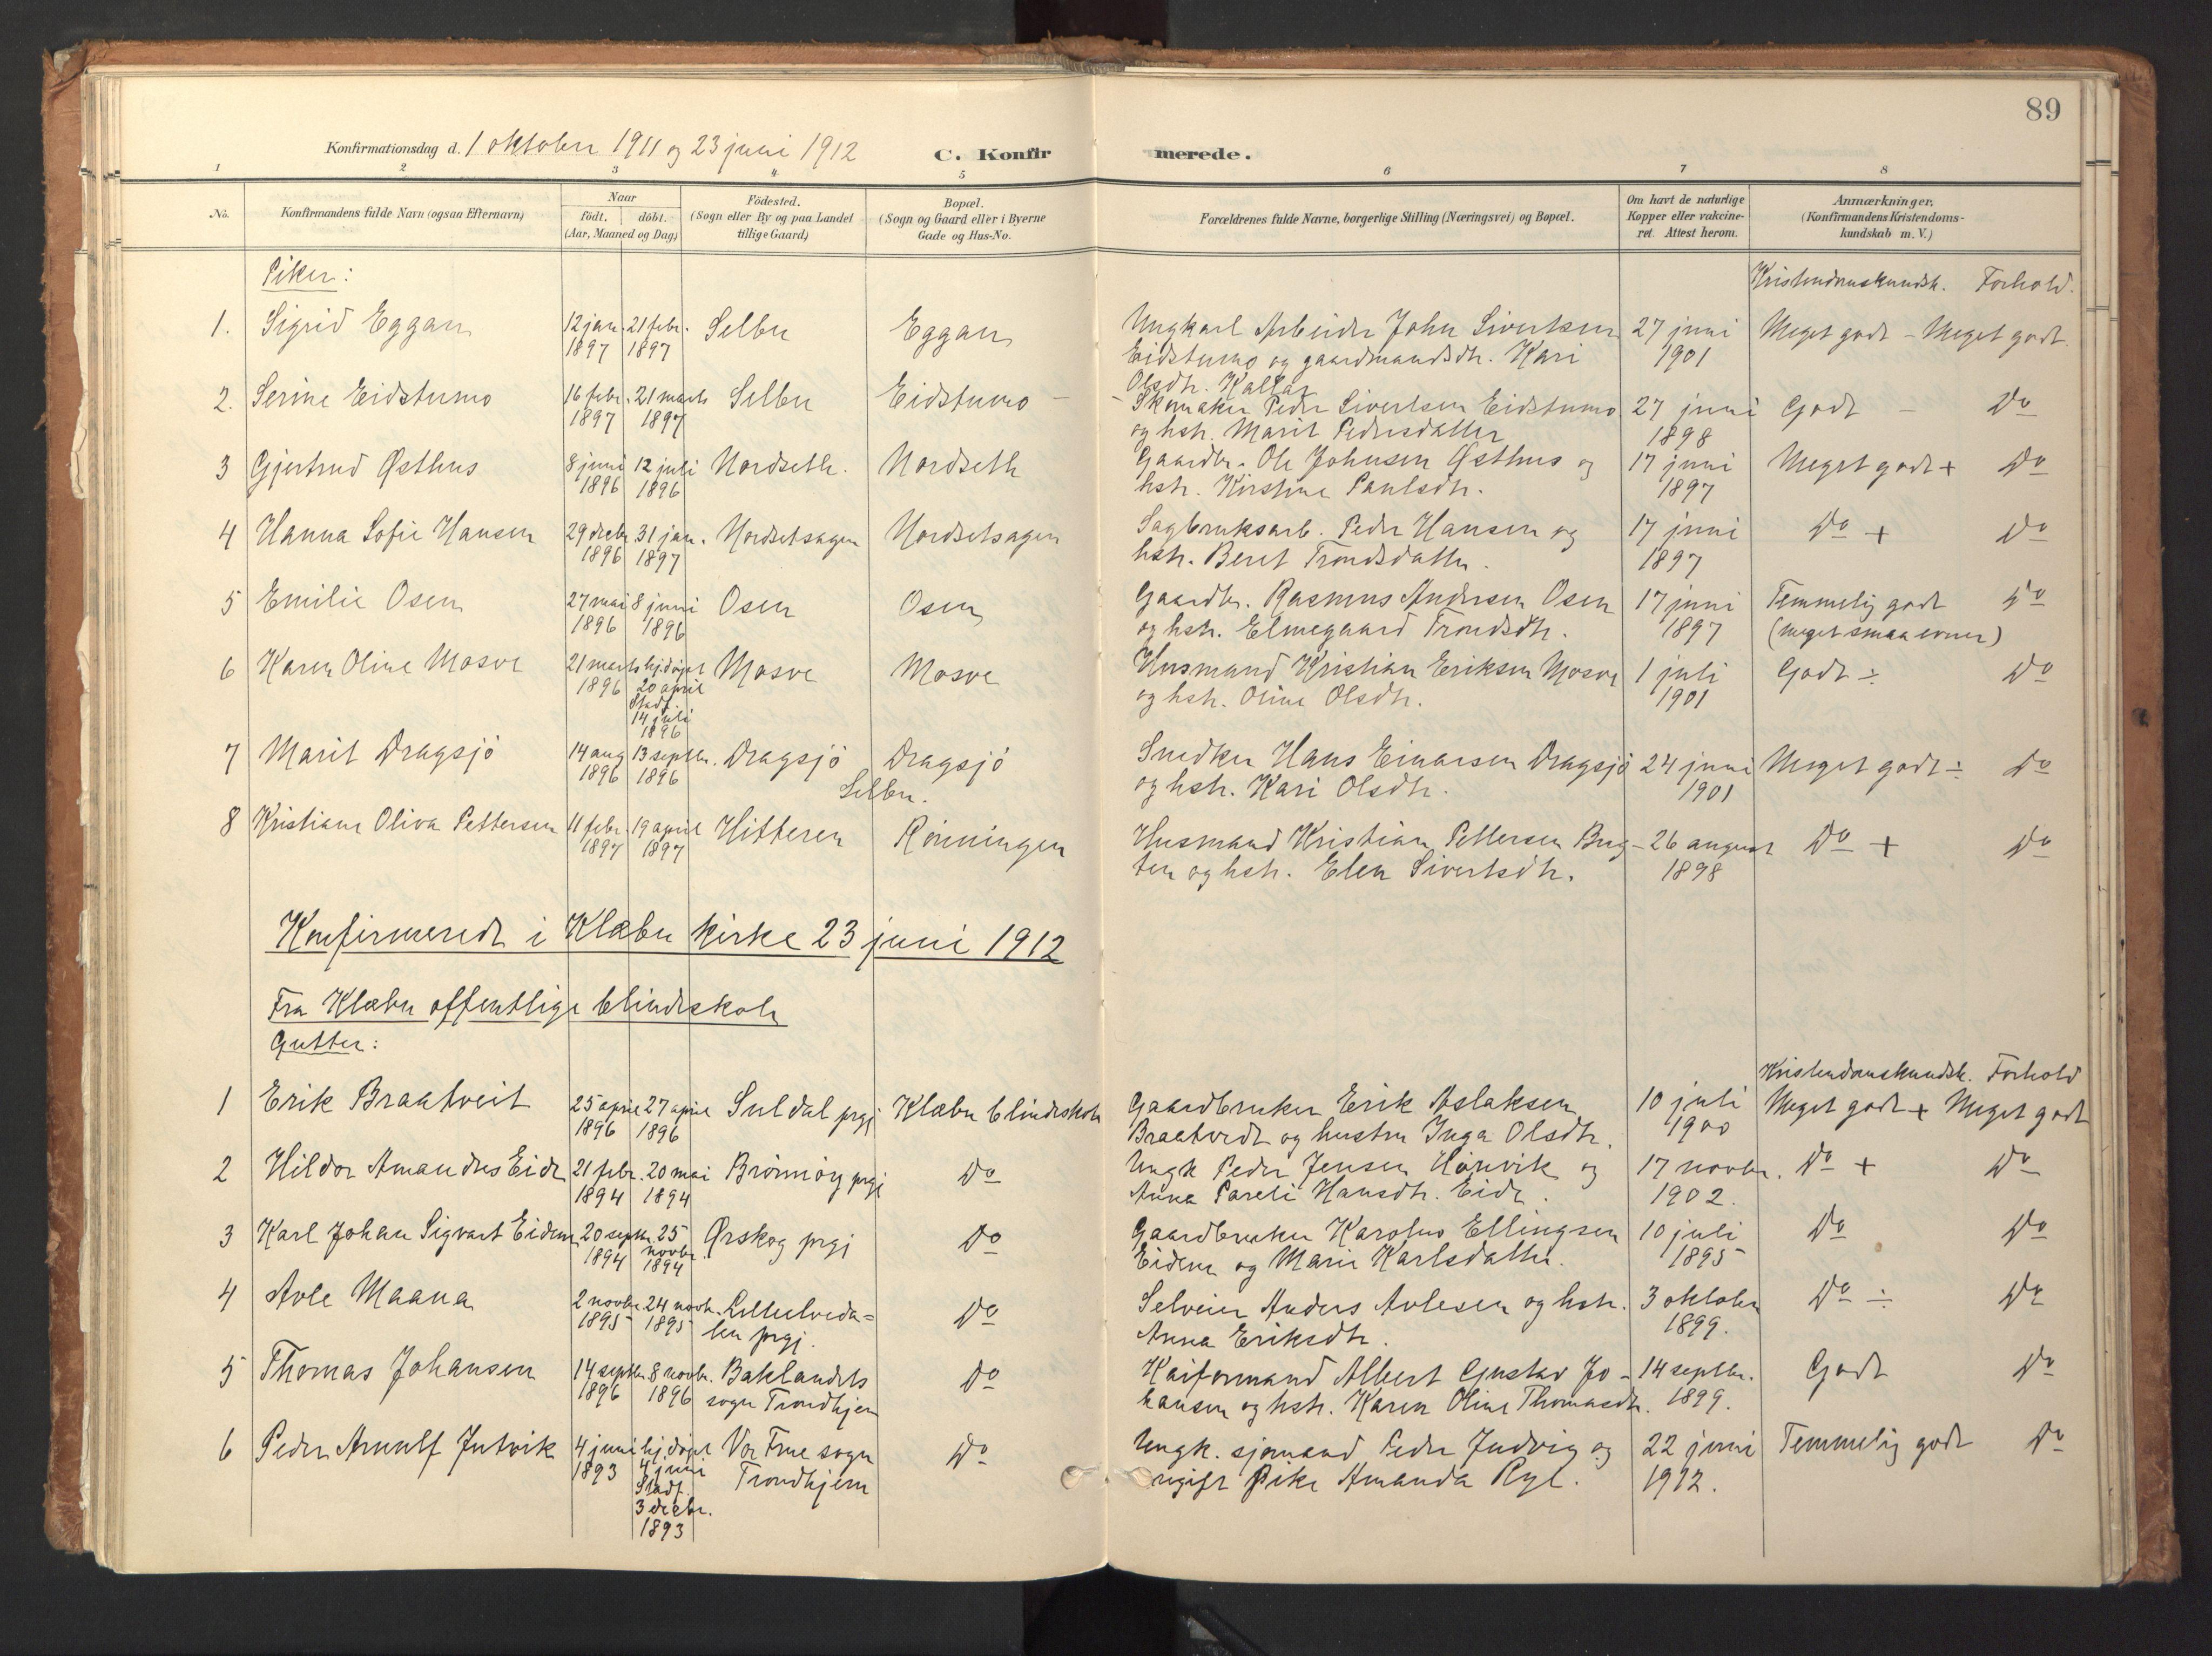 SAT, Ministerialprotokoller, klokkerbøker og fødselsregistre - Sør-Trøndelag, 618/L0448: Ministerialbok nr. 618A11, 1898-1916, s. 89